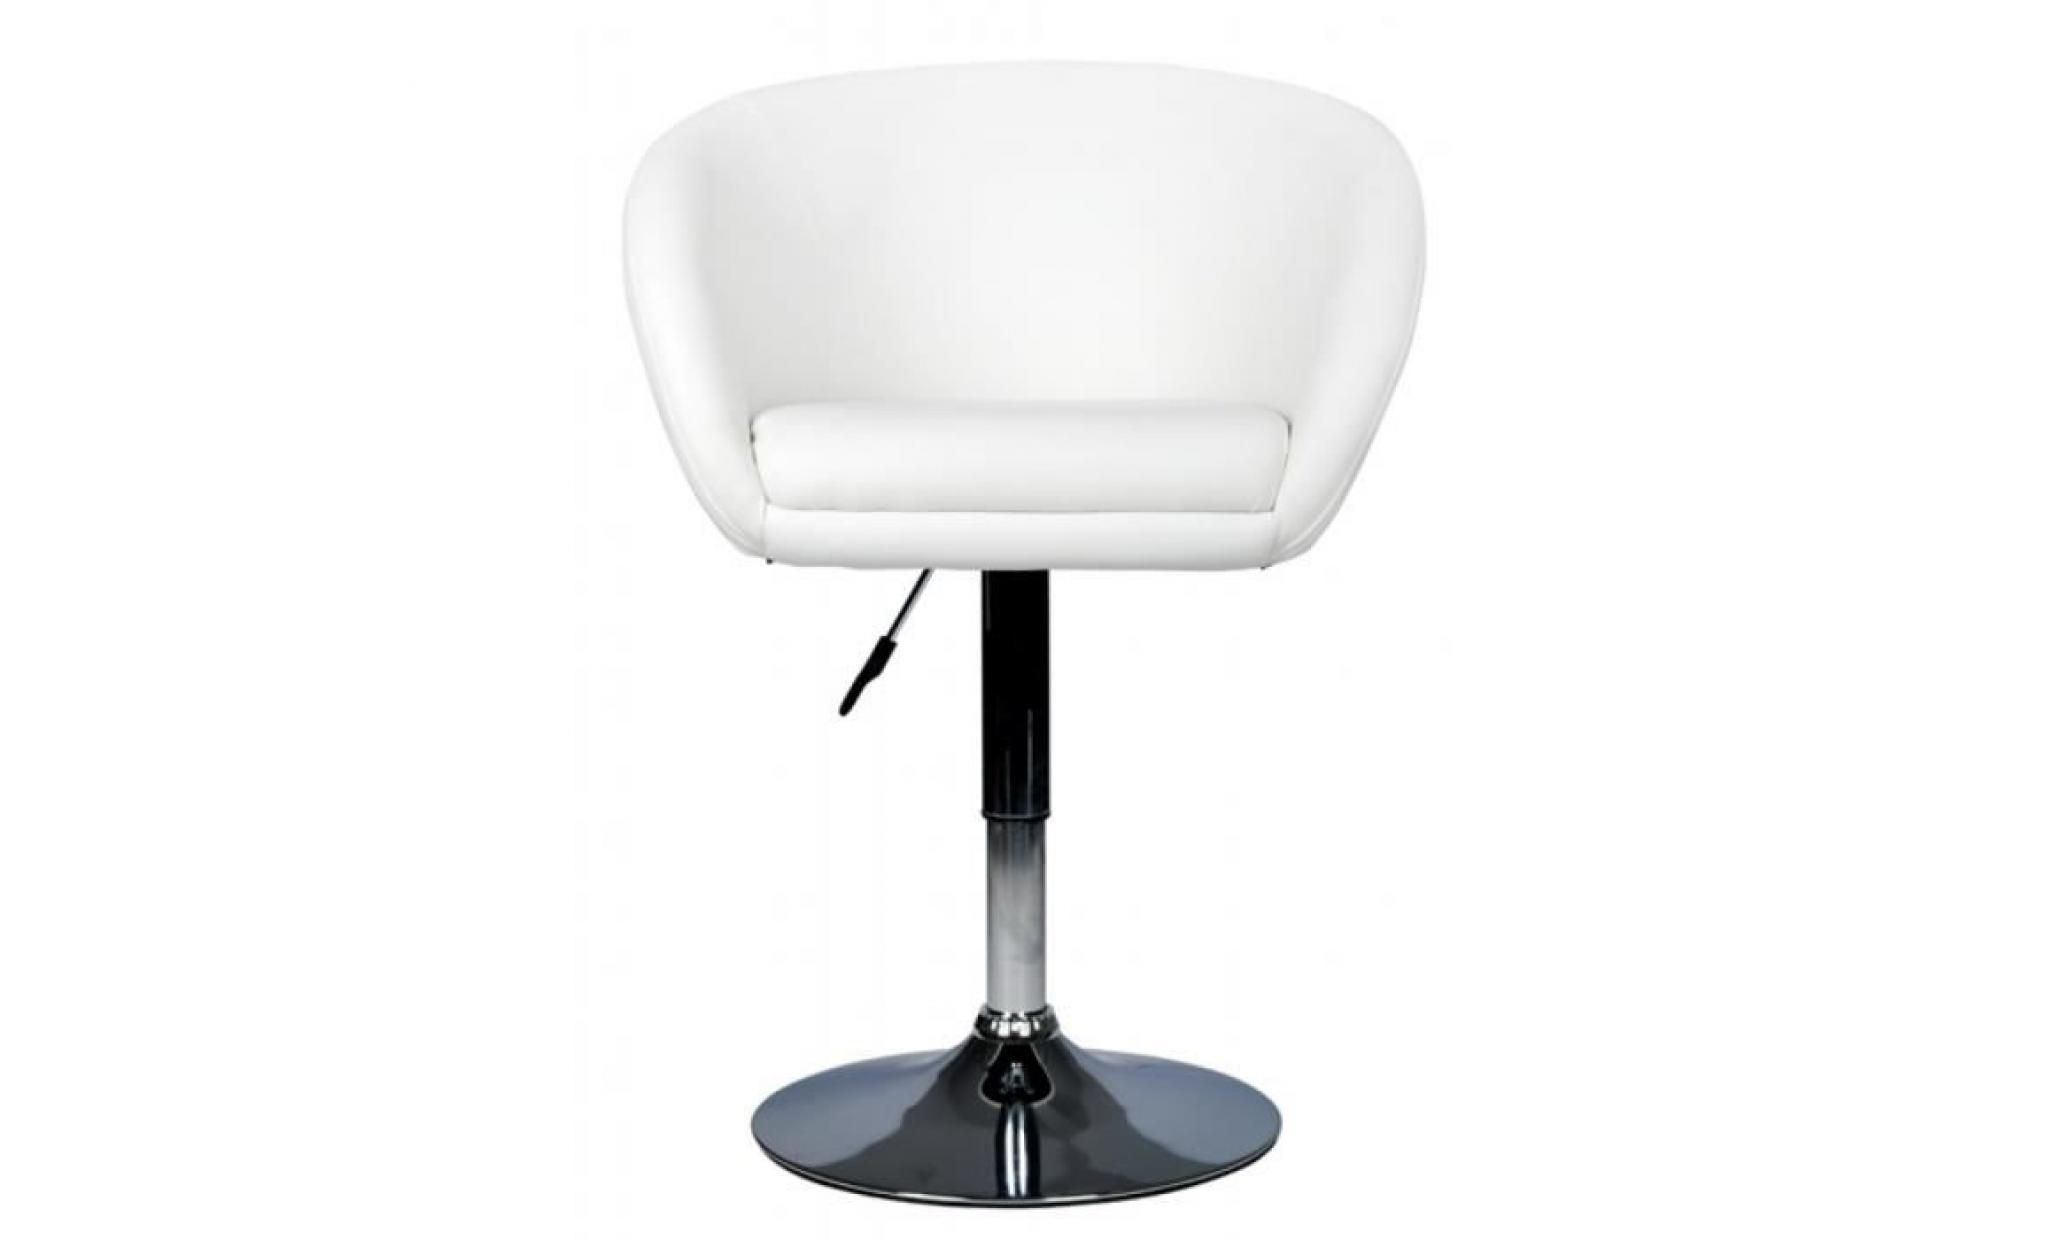 fauteuil rond pivotant achat vente fauteuil pas cher couleur et. Black Bedroom Furniture Sets. Home Design Ideas